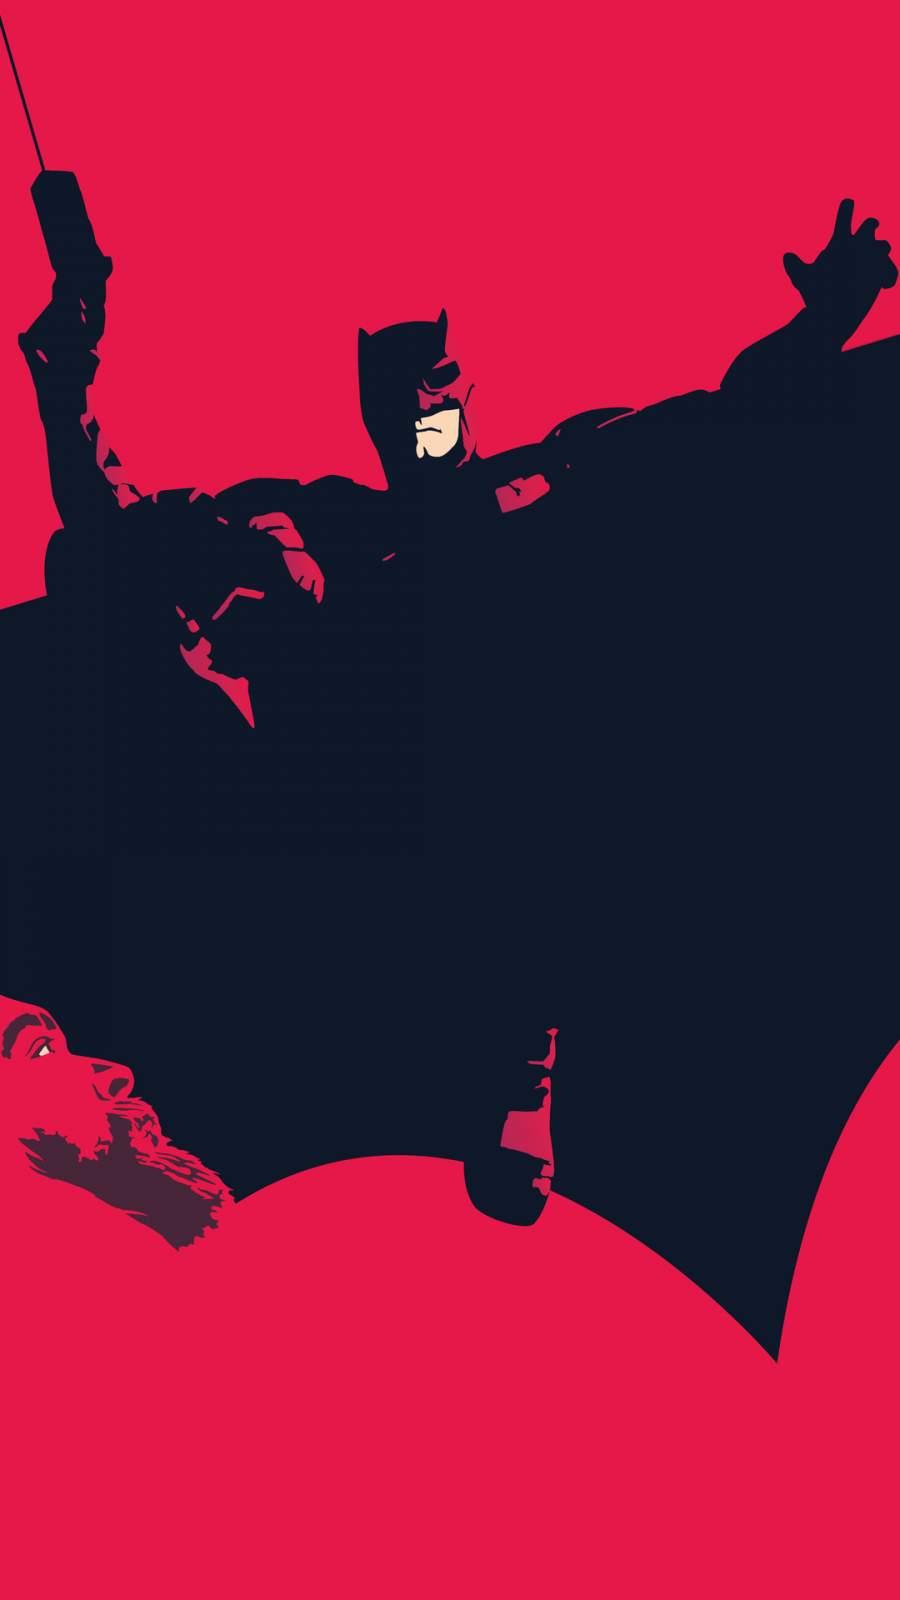 The Batman Wings iPhone Wallpaper